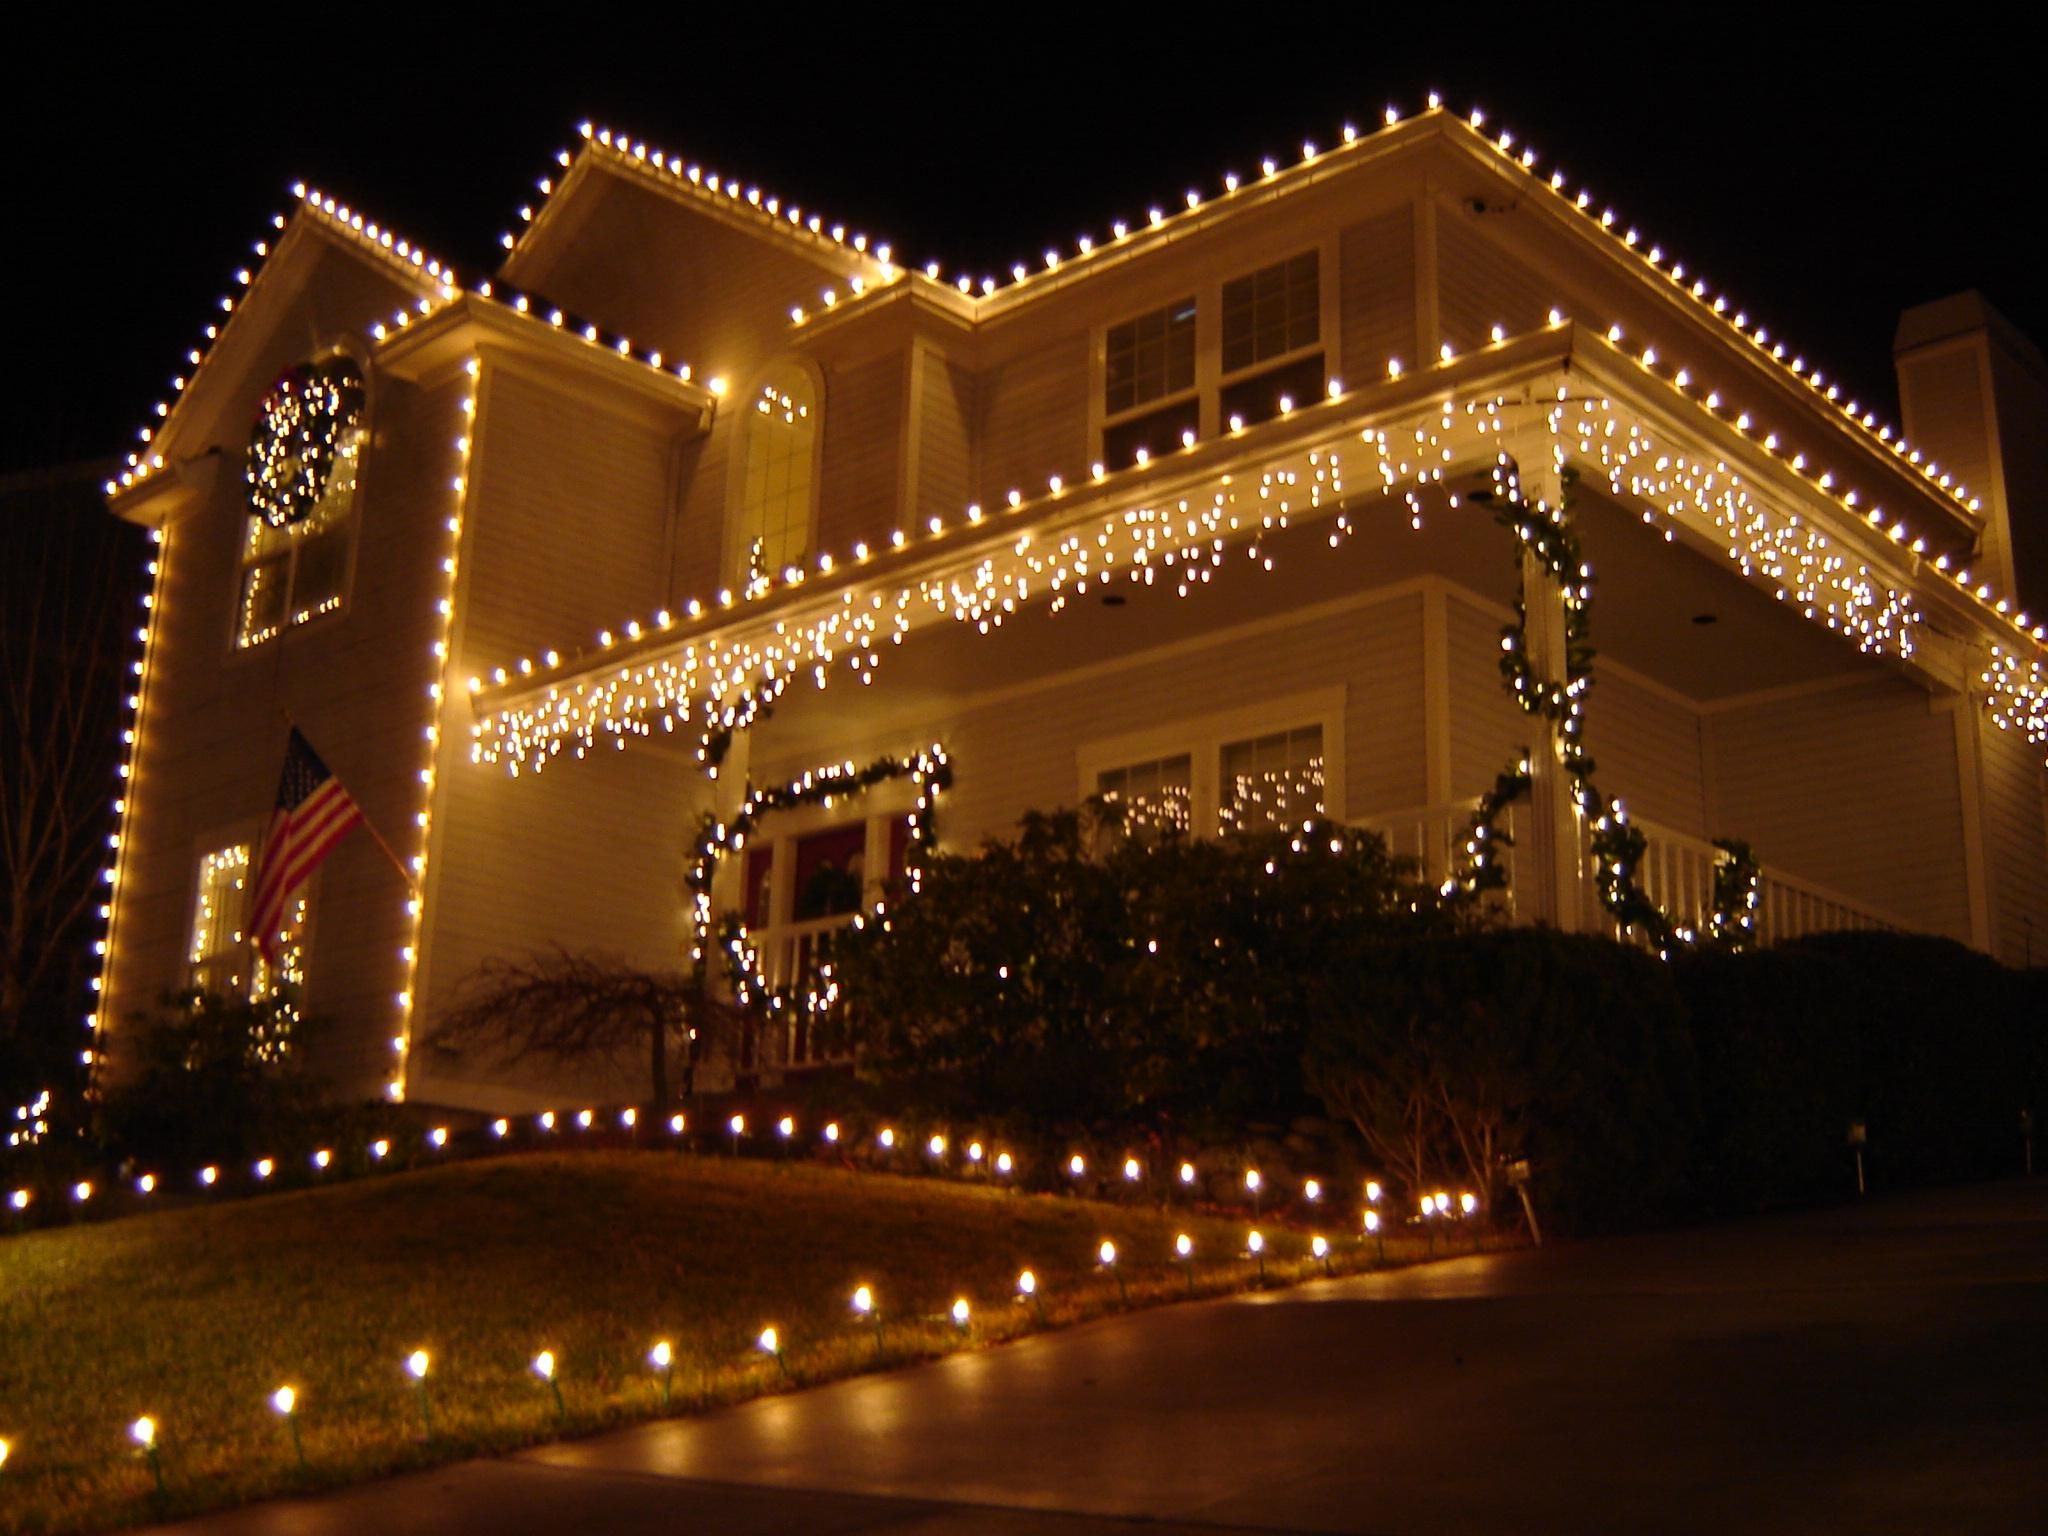 Decora La Fachada De Tu Casa Con Luces Estas Navidades Http Icono Interior Luces De Navidad Exteriores Colgar Luces De Navidad Decoracion Con Luces Navidenas